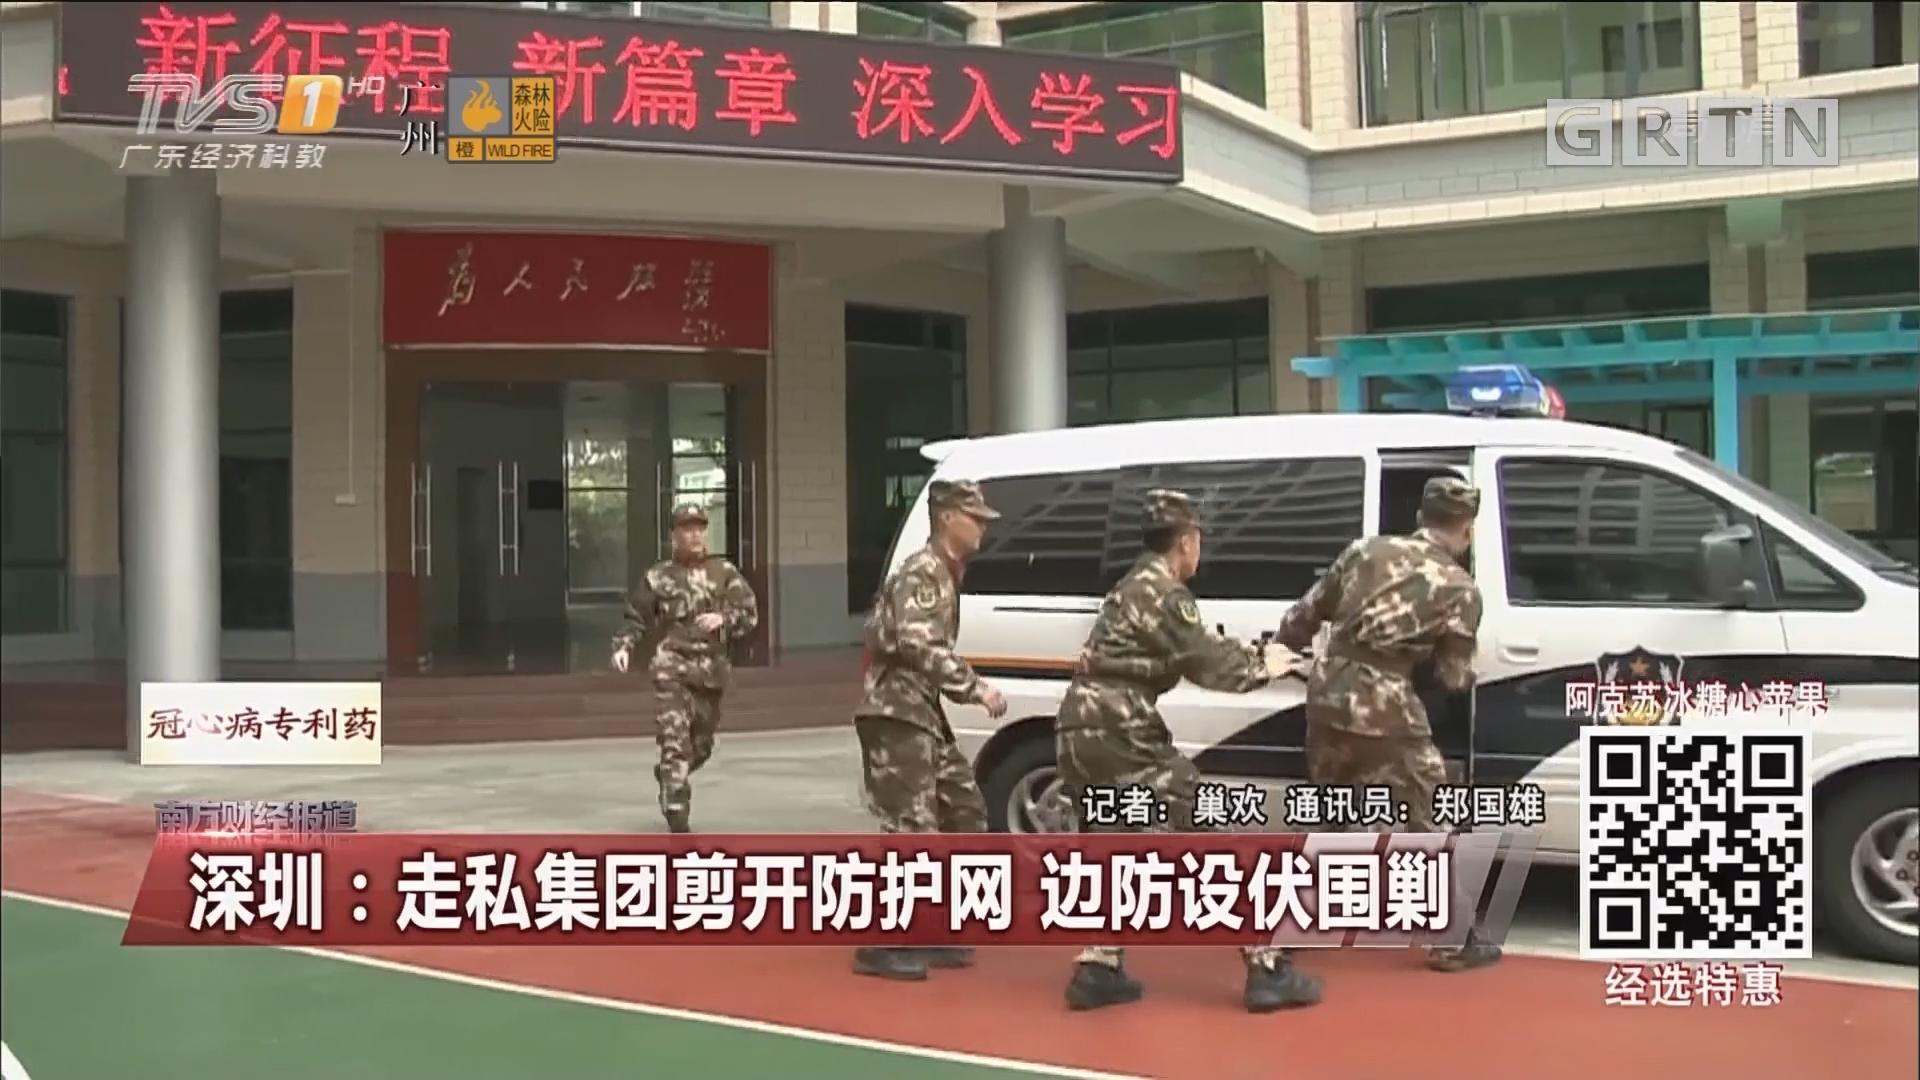 深圳:走私集团剪开防护网 边防设伏围剿